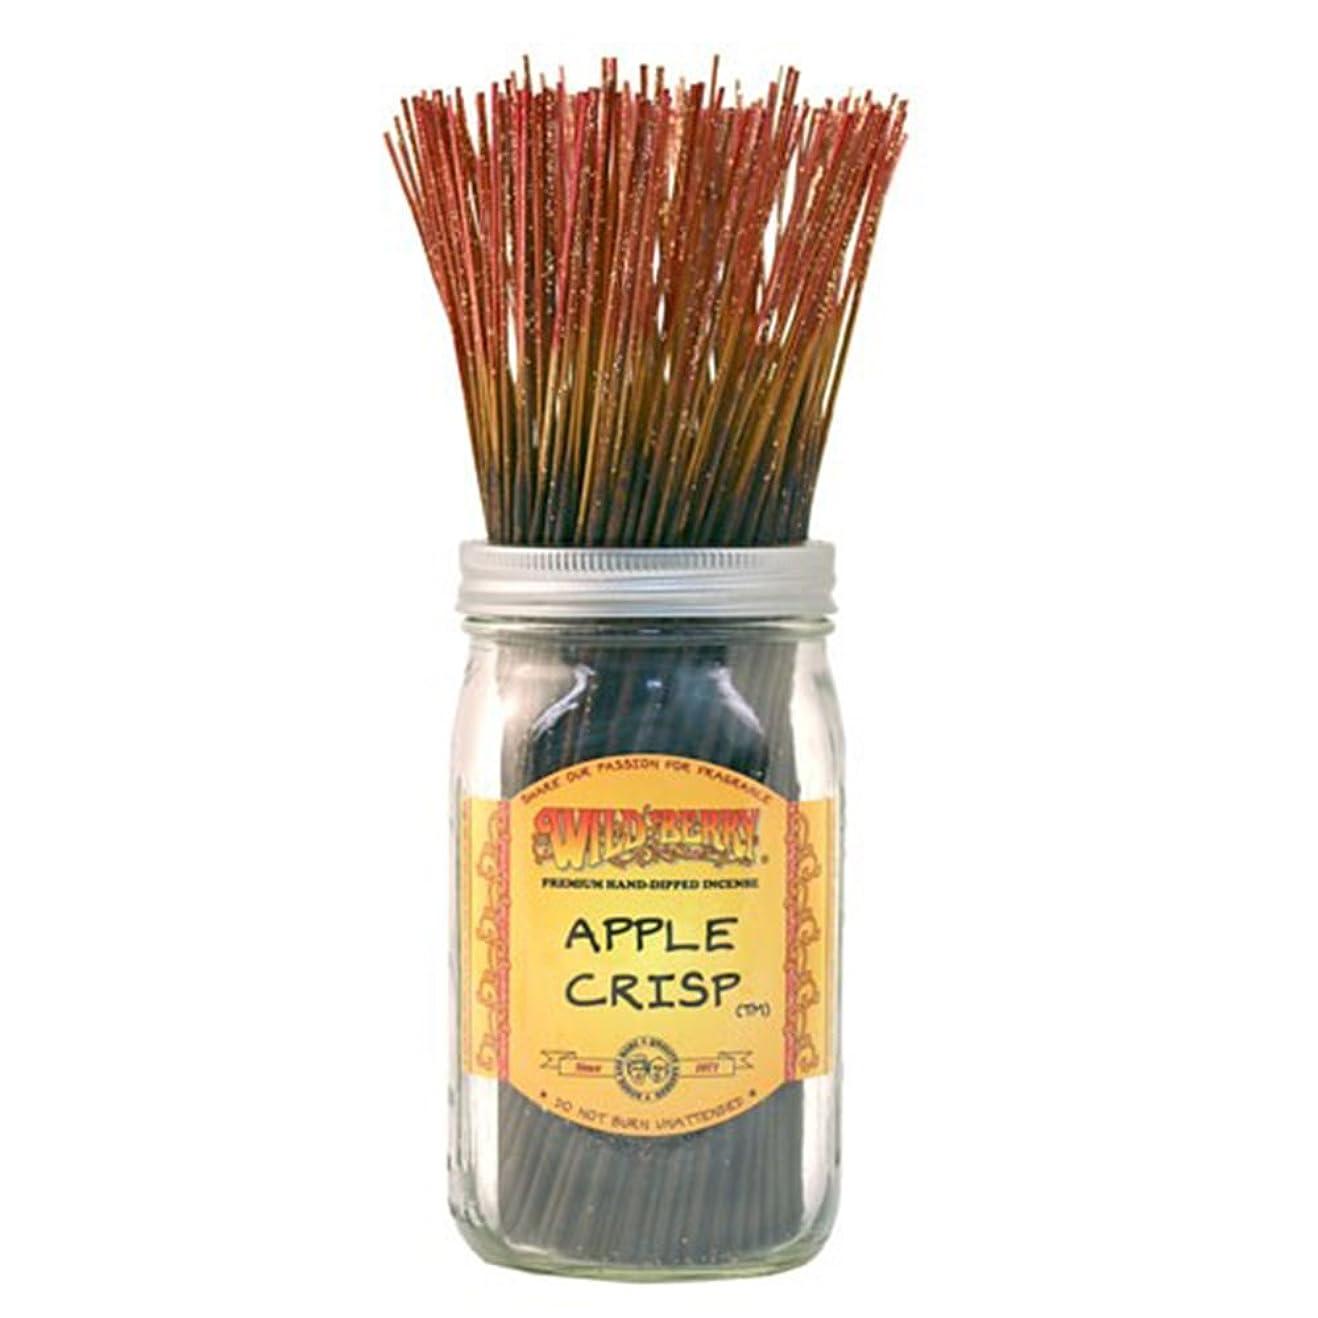 放棄する可決余計なWild Berry Apple Crisp, Highly Fragranced Incense Sticksバルクパック、100ピース、11インチ